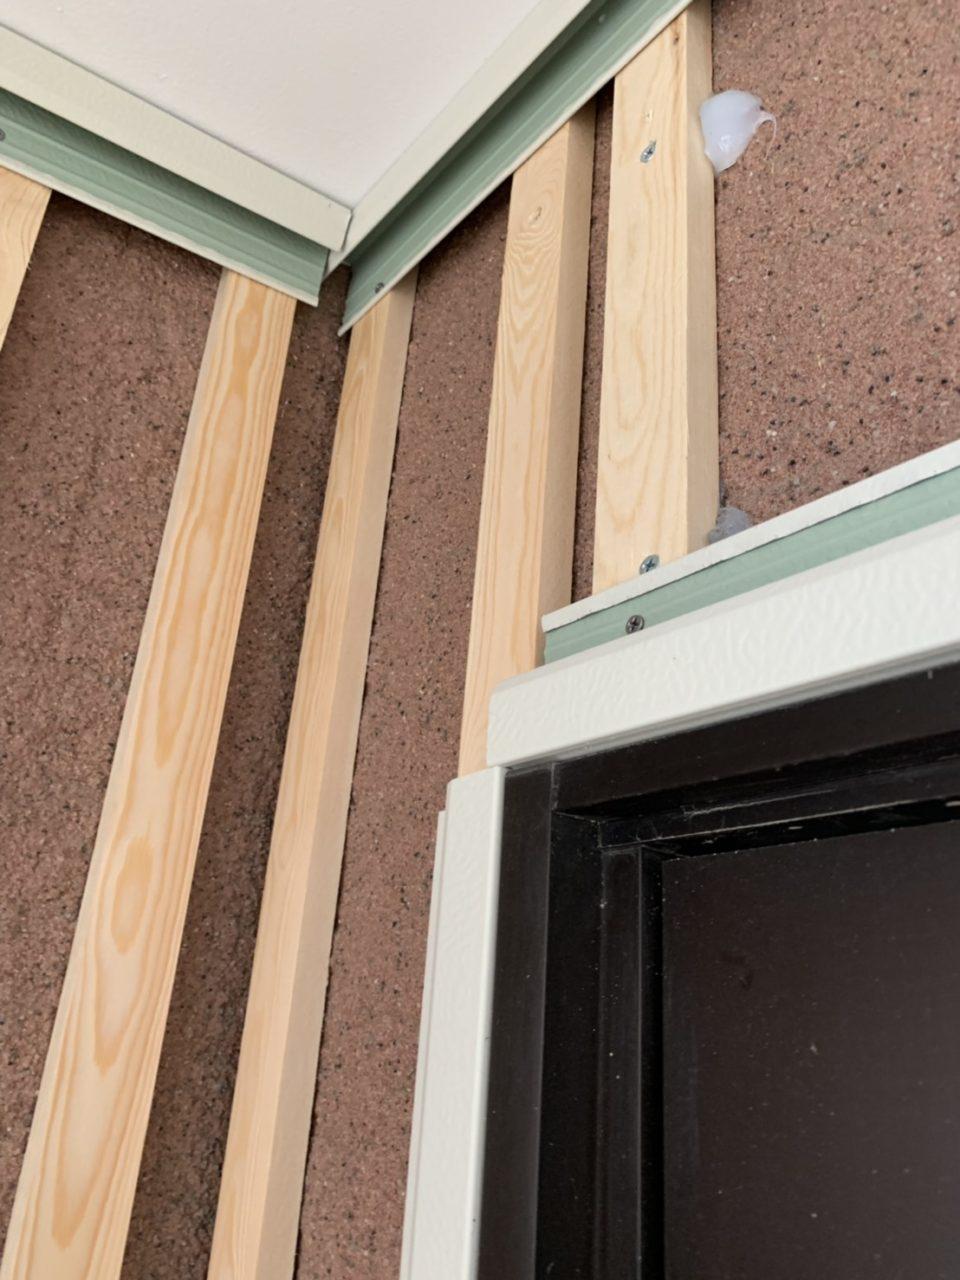 岡崎市サイディング工事 窓周りの枠の取り付け2